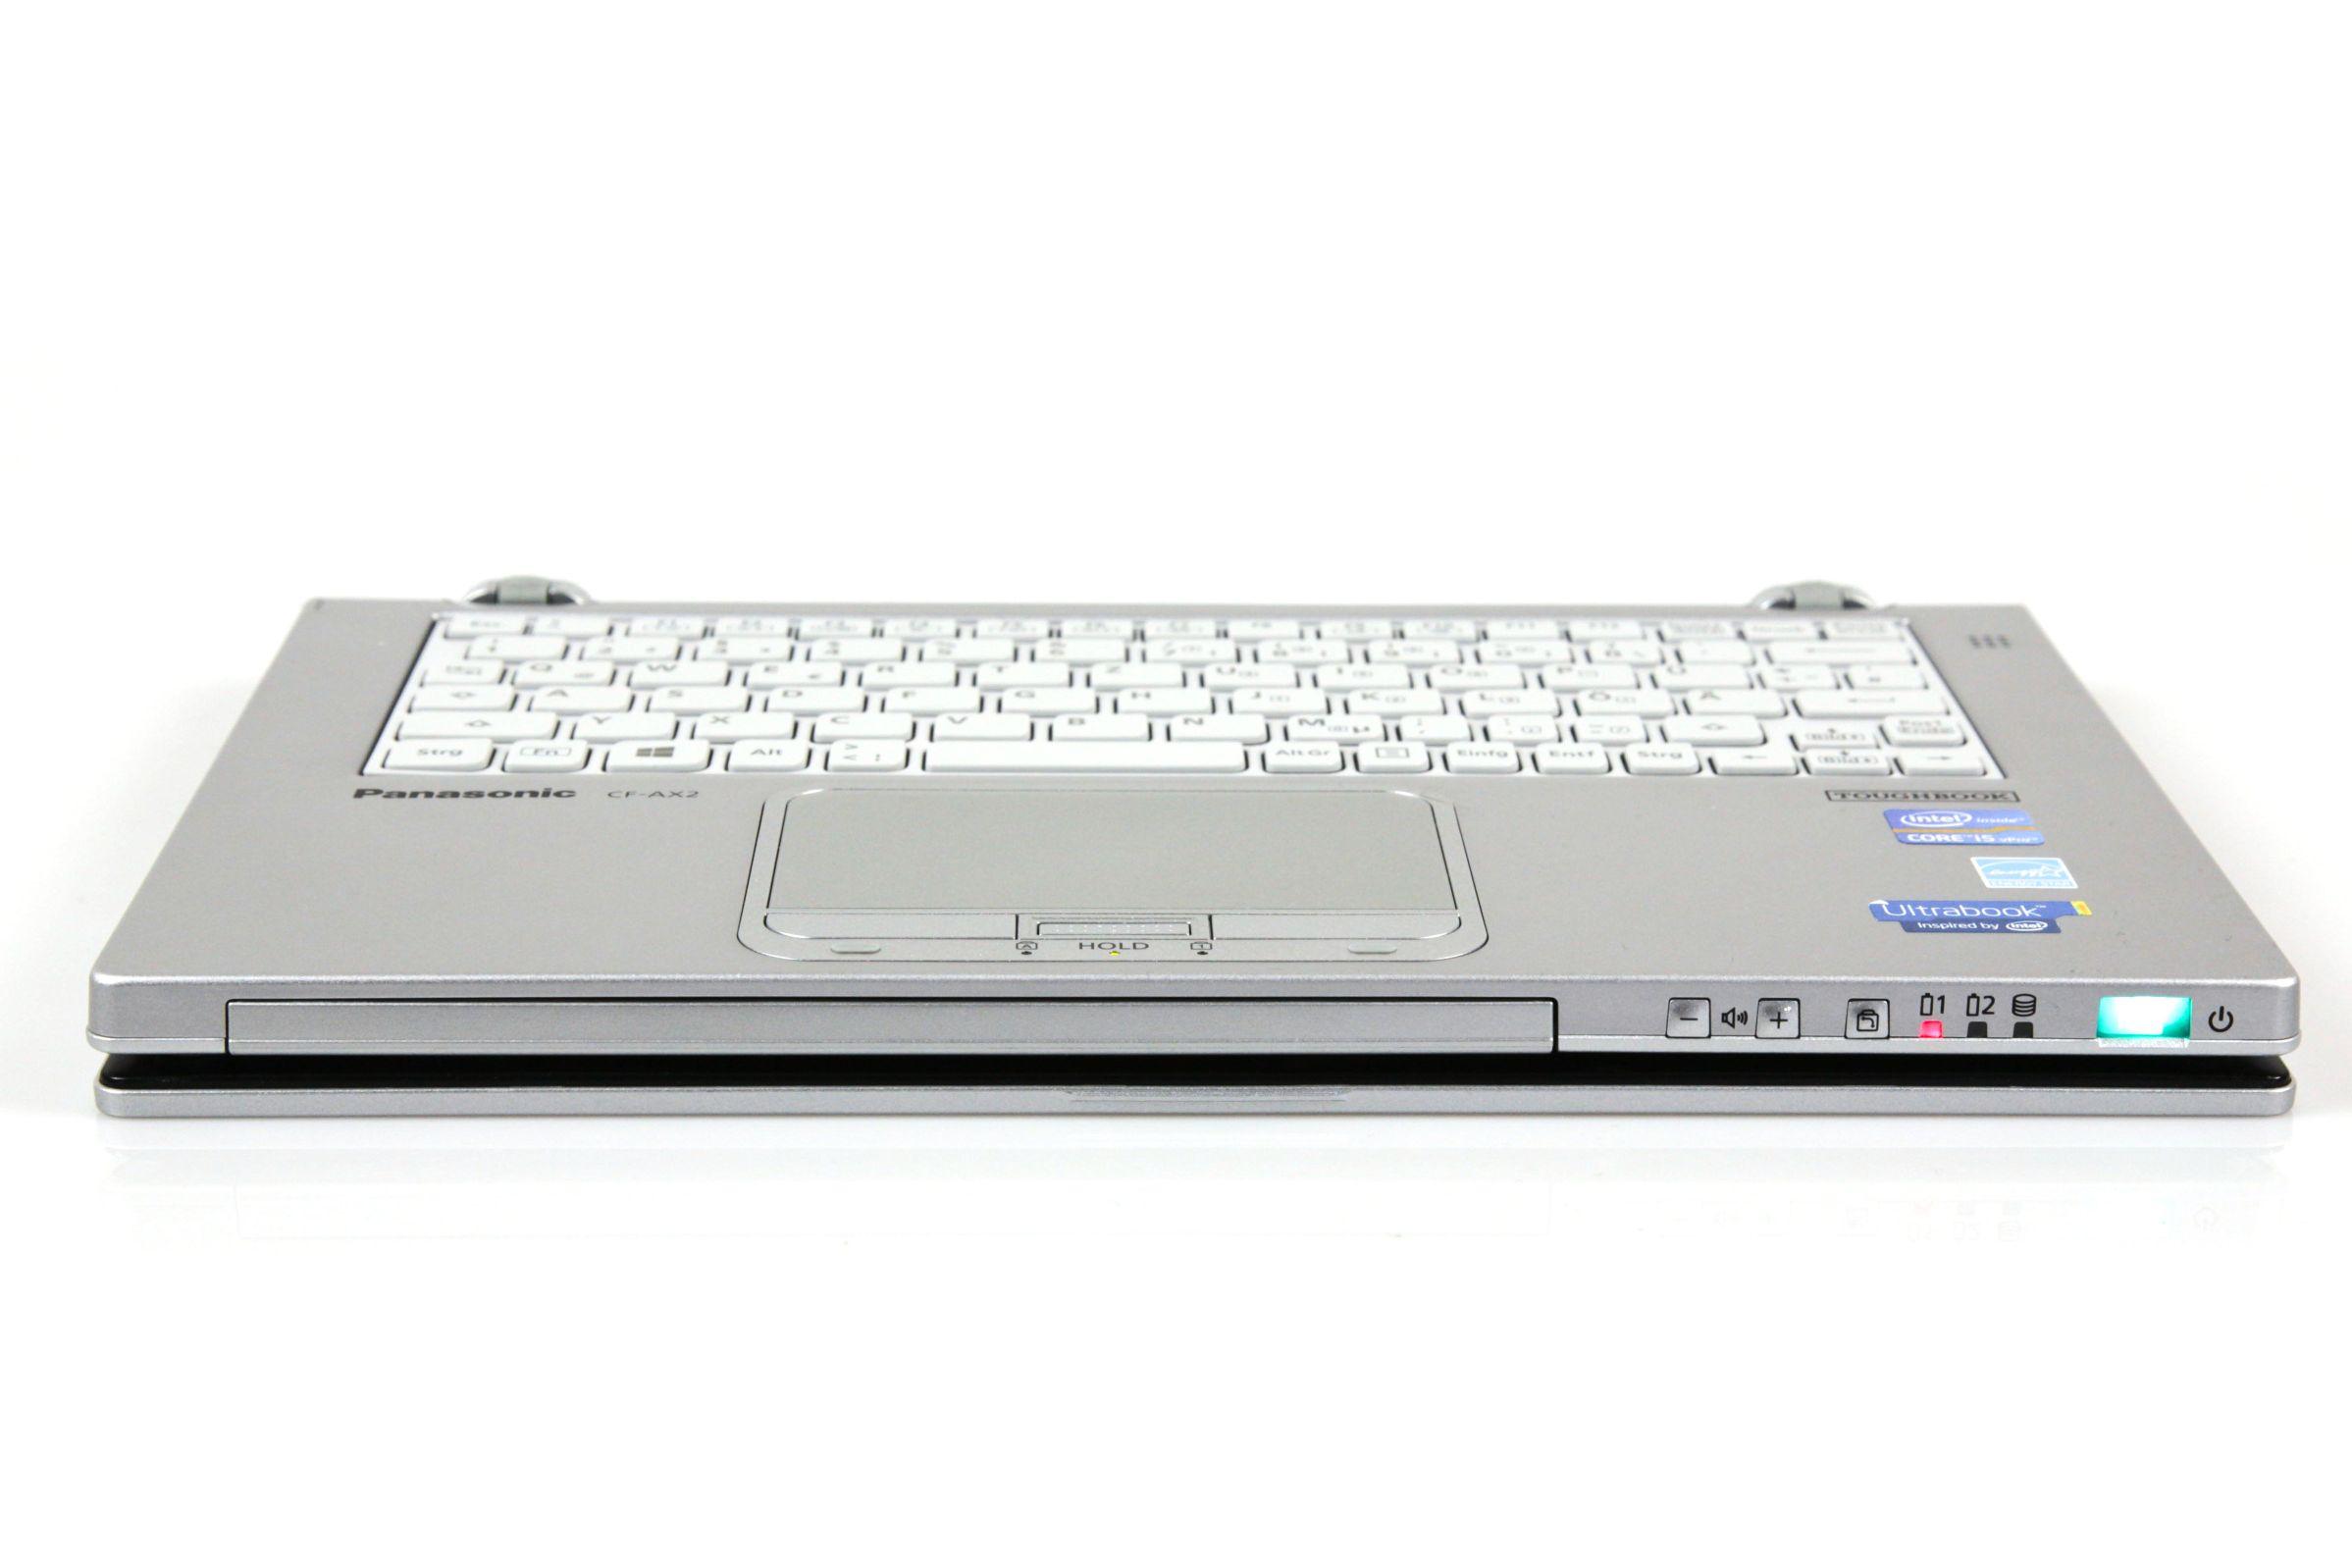 CF-AX2 im Test: Dünnes Toughbook mit Notfallakku und nerviger Tastatur - Die Tastatureingaben werden im Tablet-Modus ignoriert. (Foto: Nina Sebayang/Golem.de)